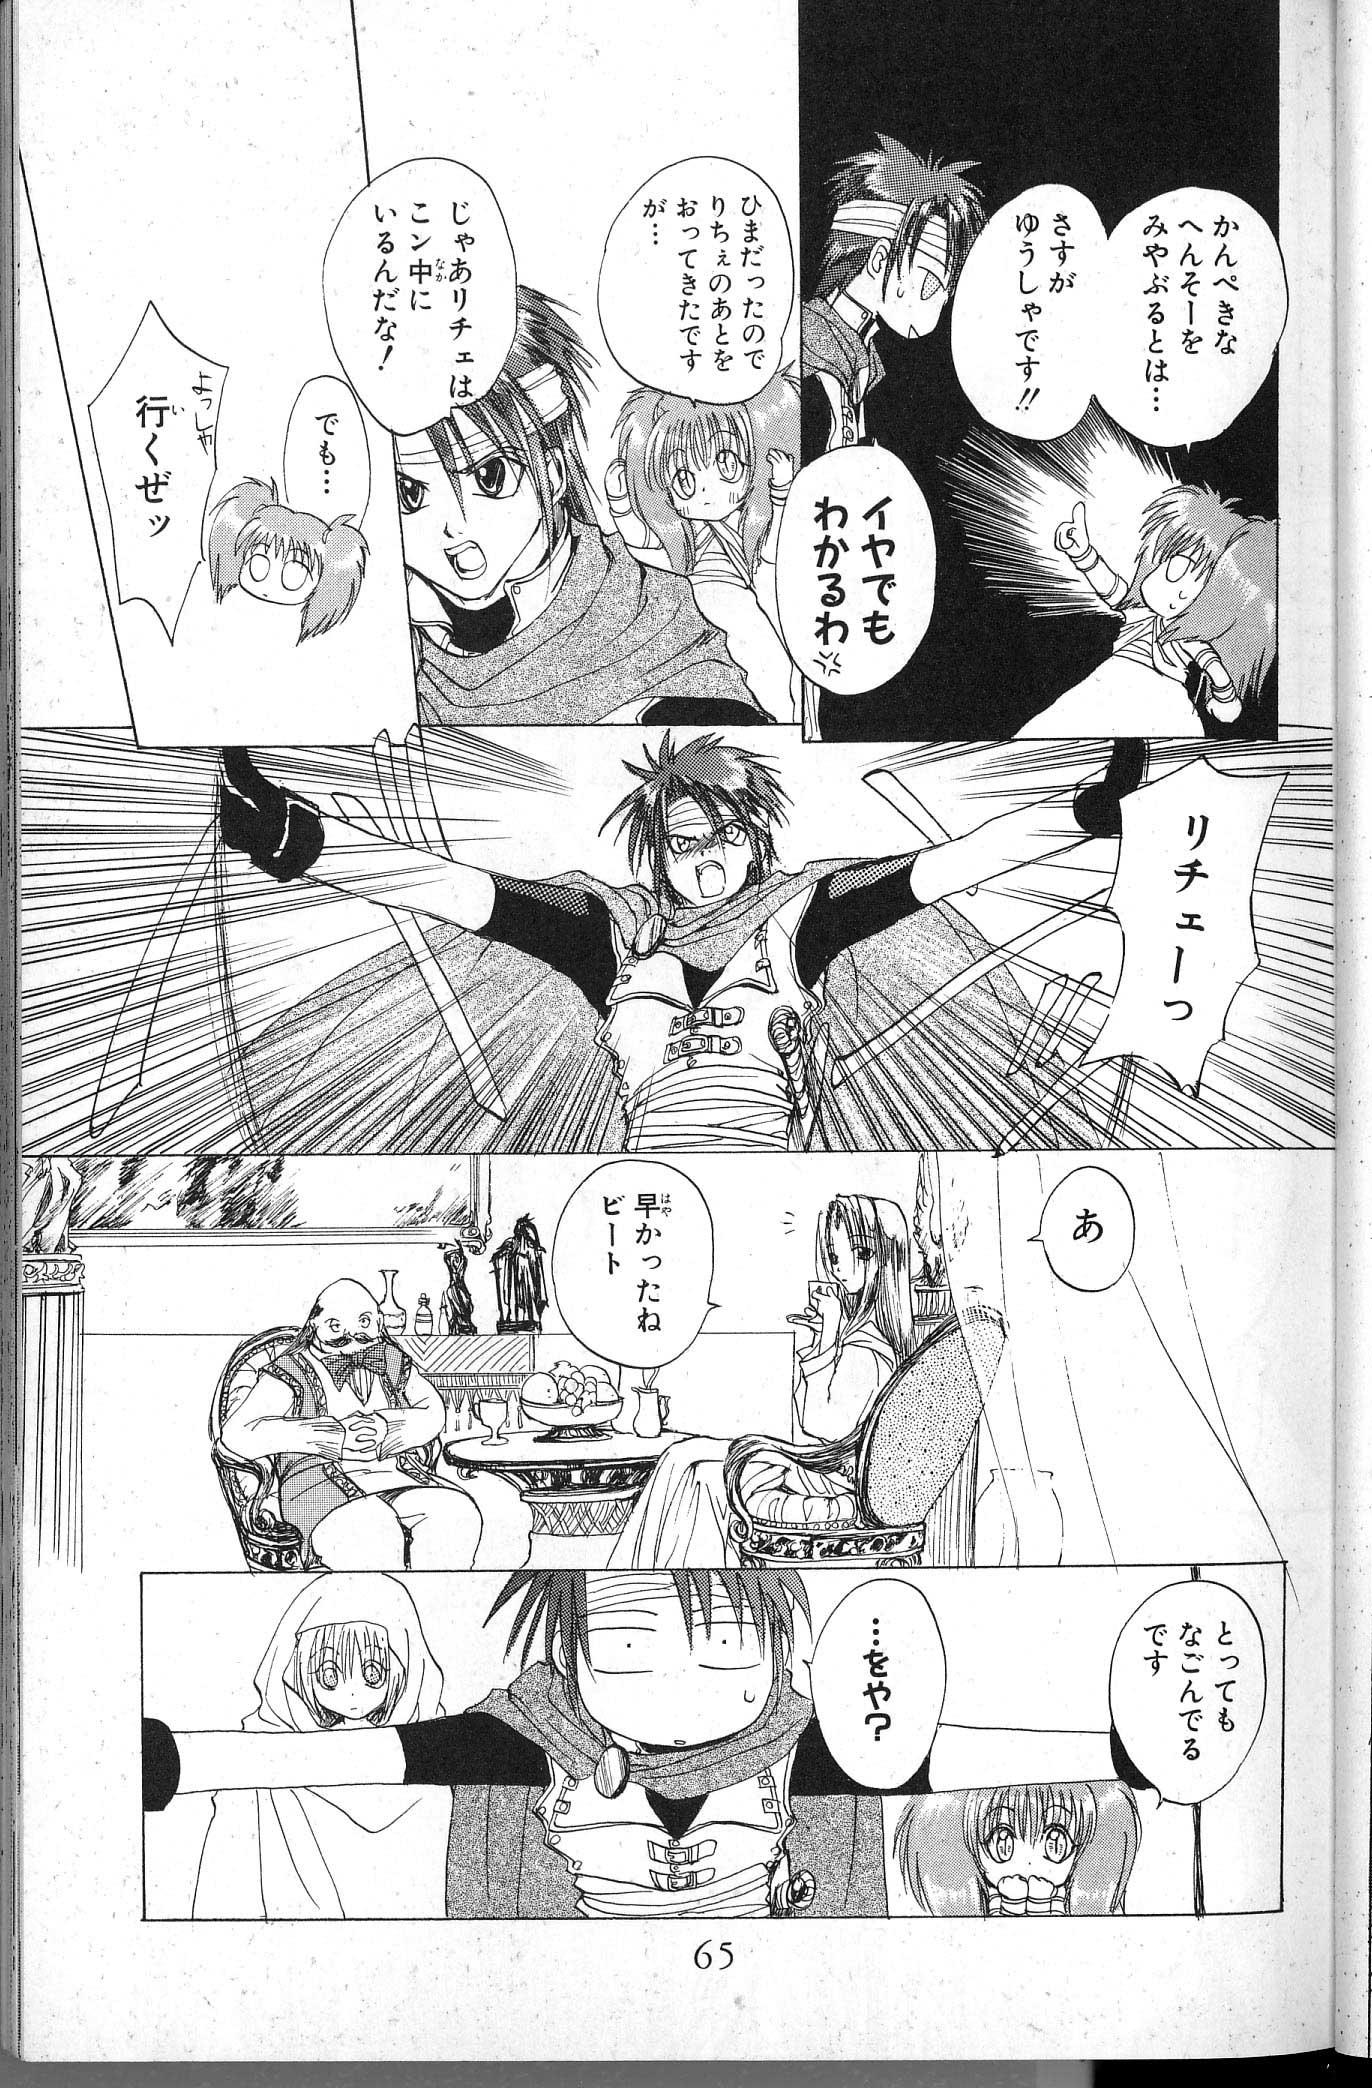 Manga Scan